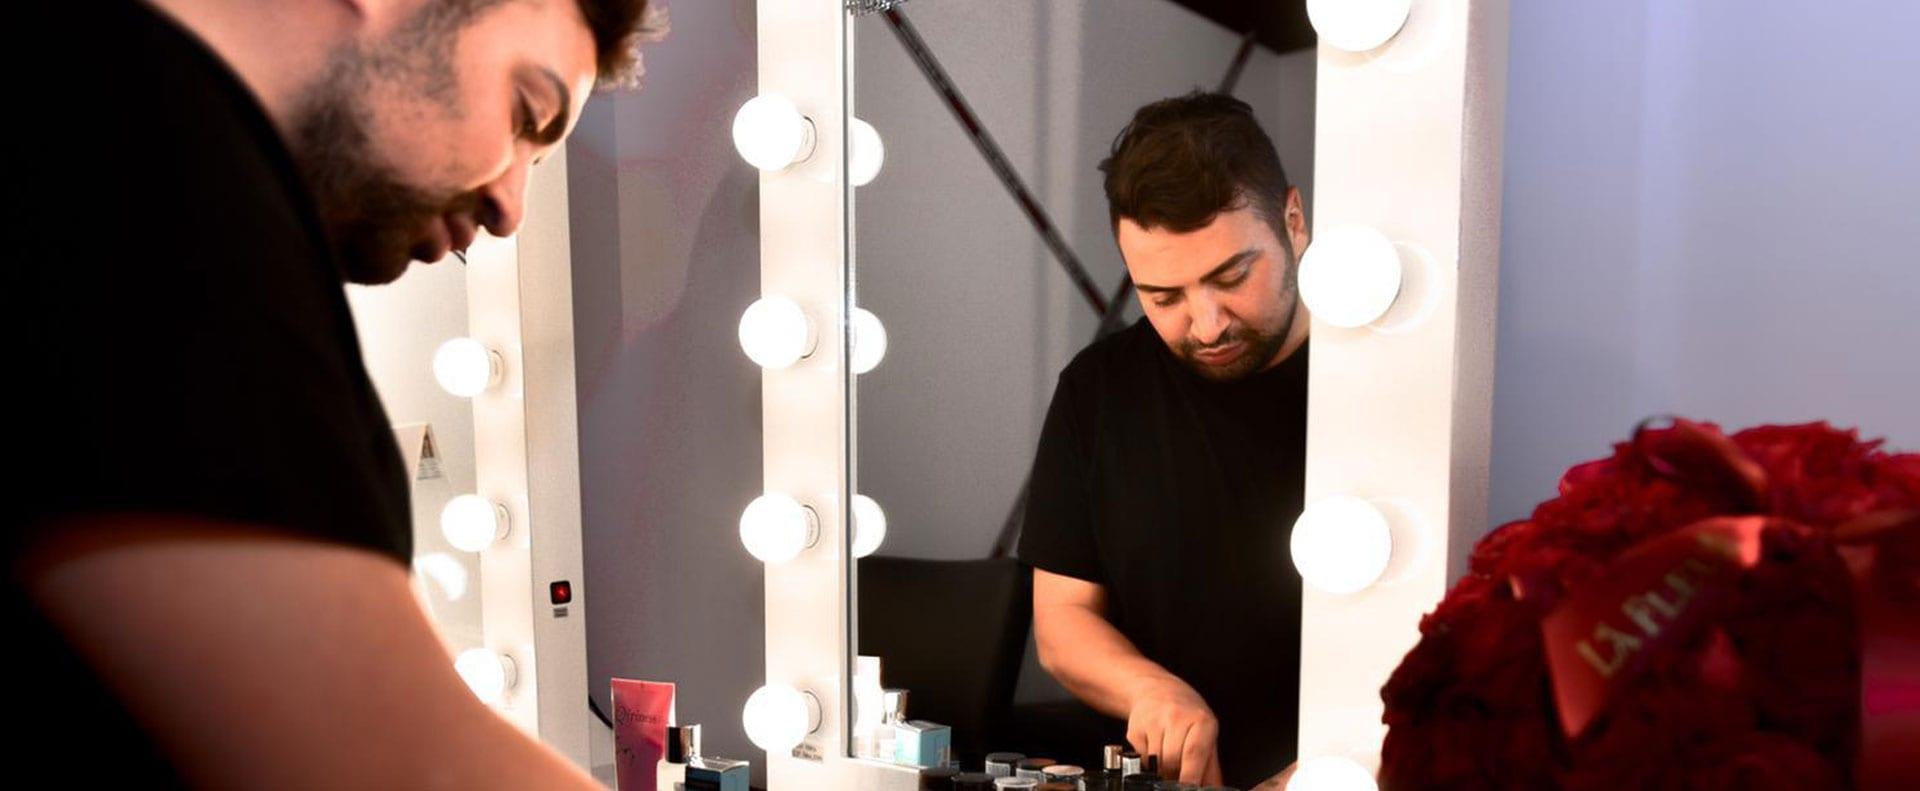 אירוויזיון 2019, גילי אלגבי המאפר הראשי של האירוויזיון מטעם רבלון צילום צילום Danial Anduriel - 51